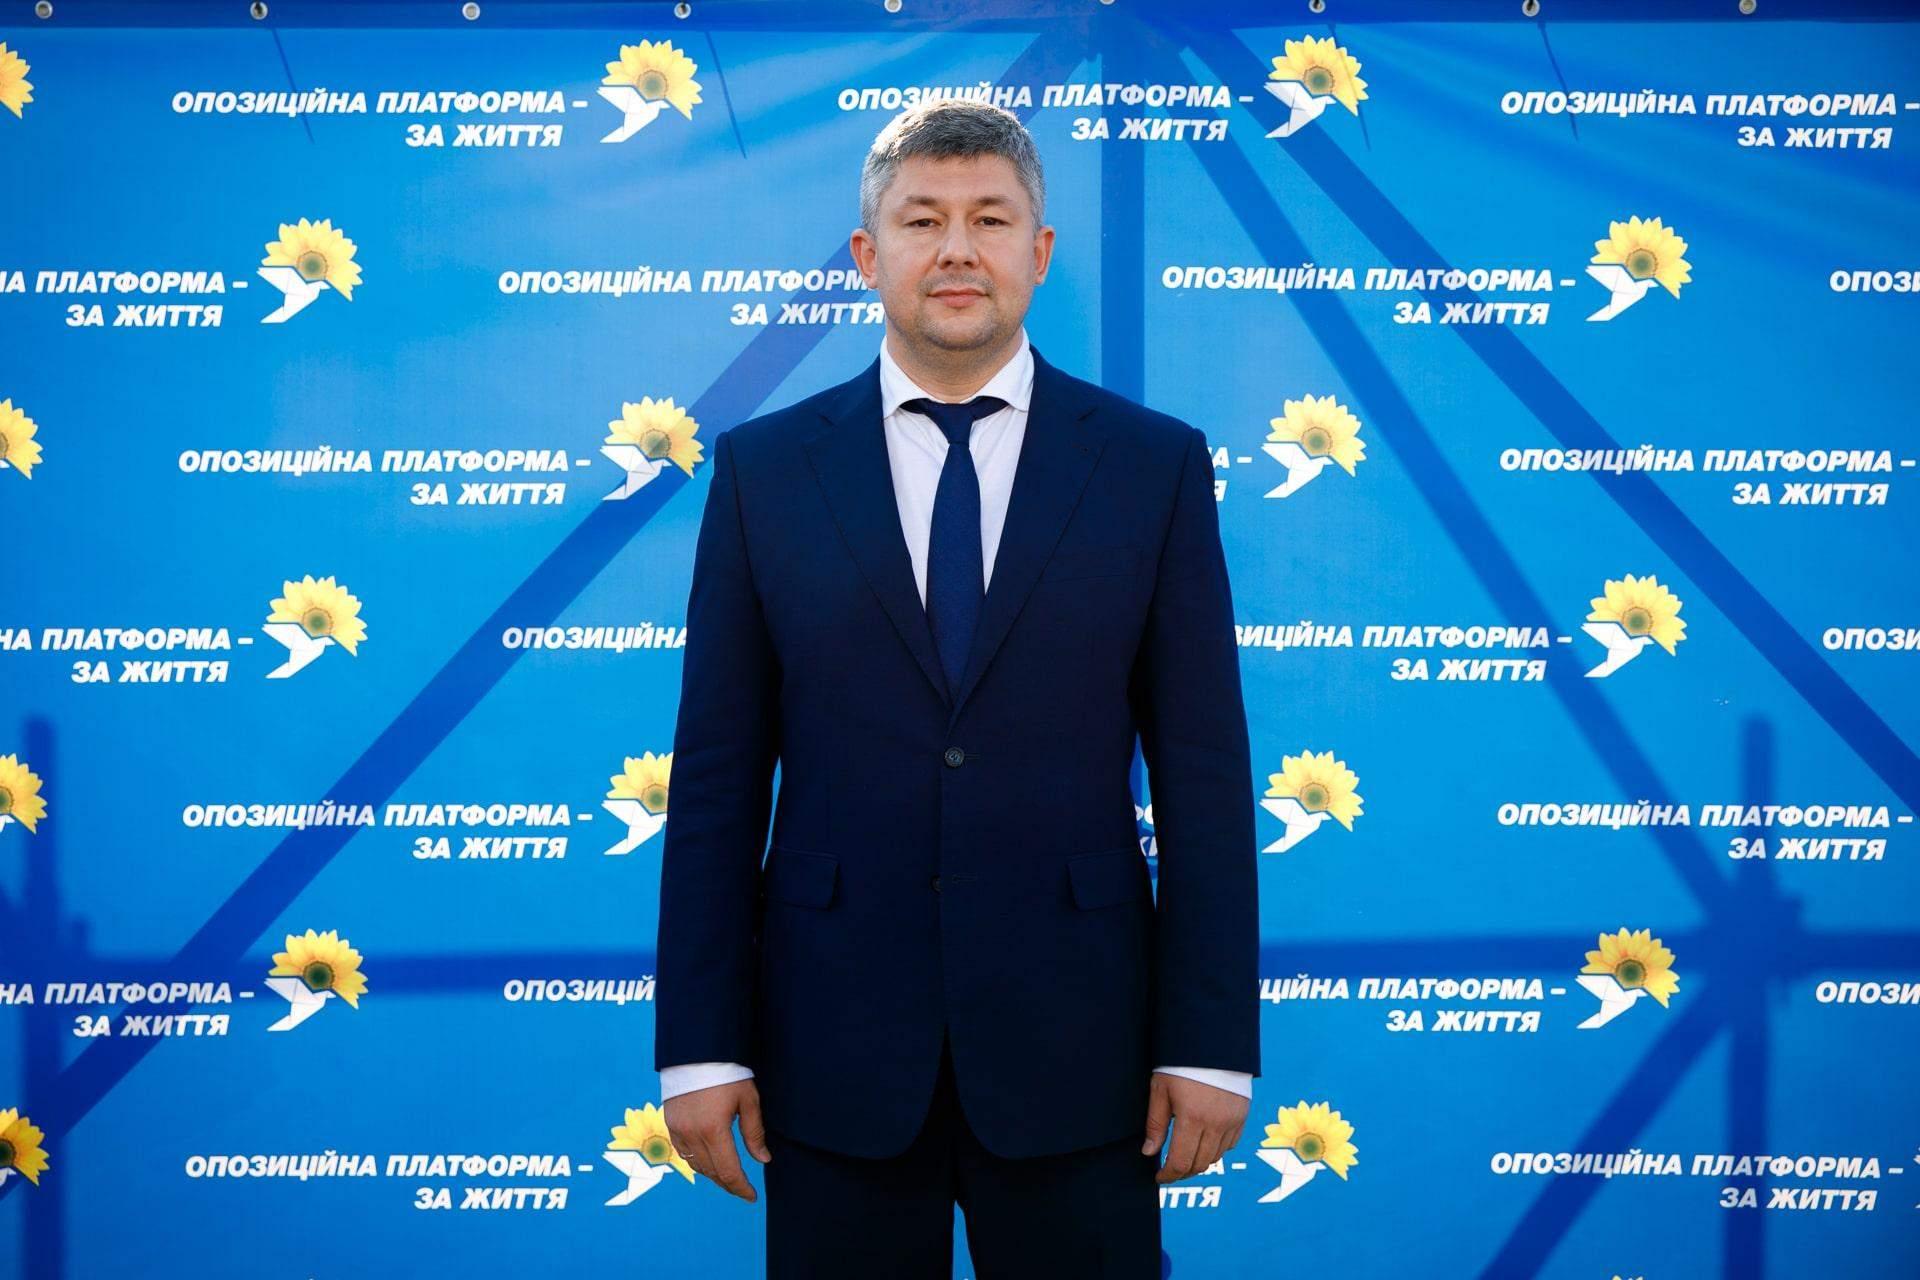 Сергій Нікітін, місцеві вибори 2020, вибори мера Дніпра, 25 жовтня